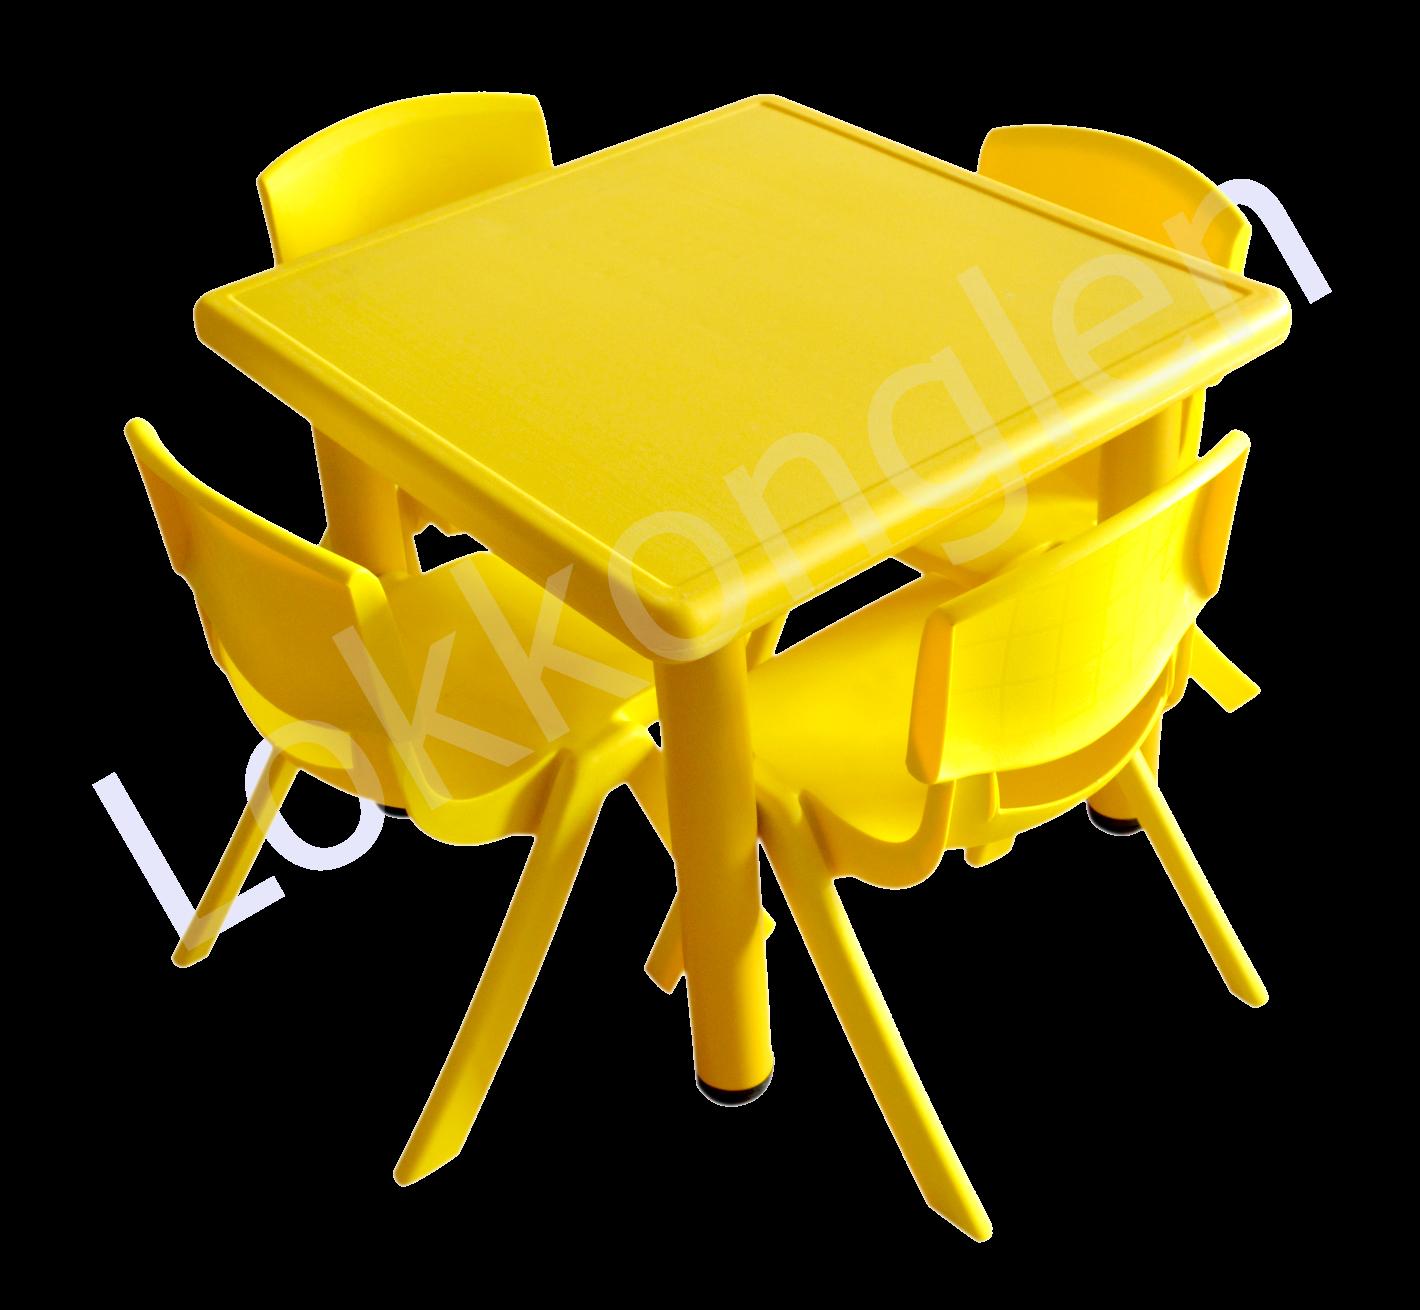 ชุดโต๊ะสี่เหลี่ยมจตุรัส สีเหลือง